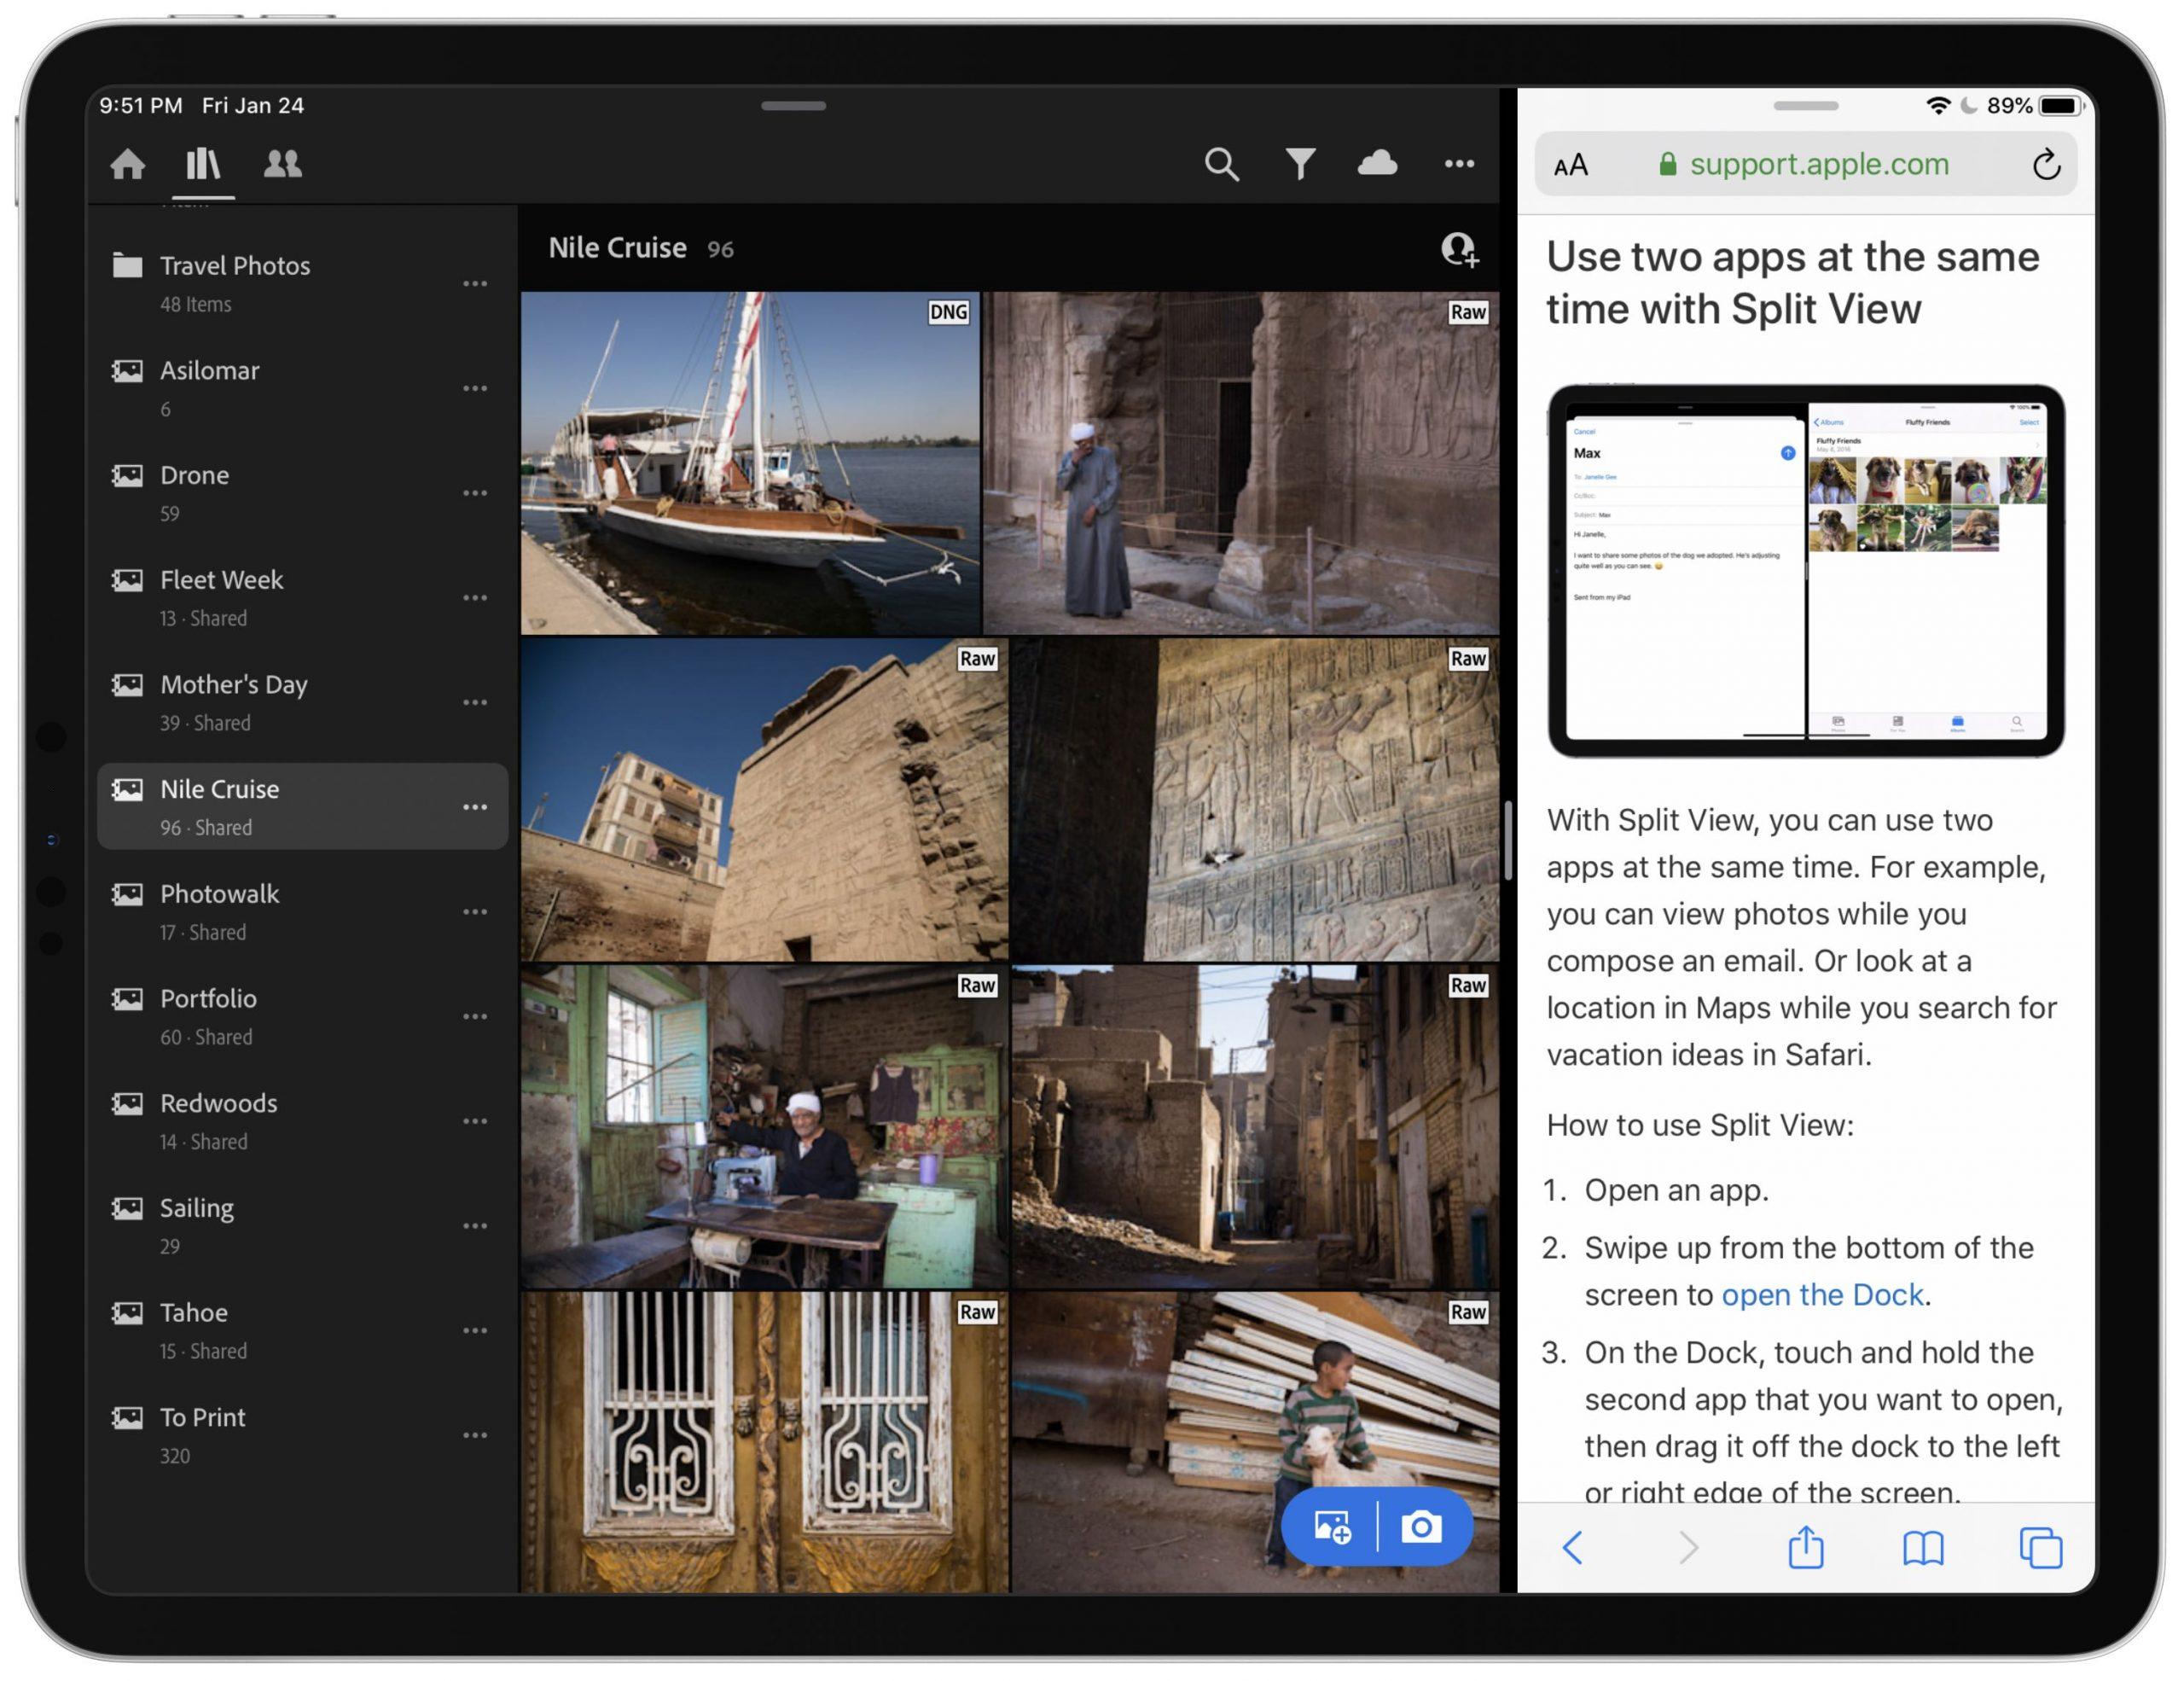 A Adobe traz novos recursos para o Lightroom, como o Split View no iPad e novas opções de exportação 3